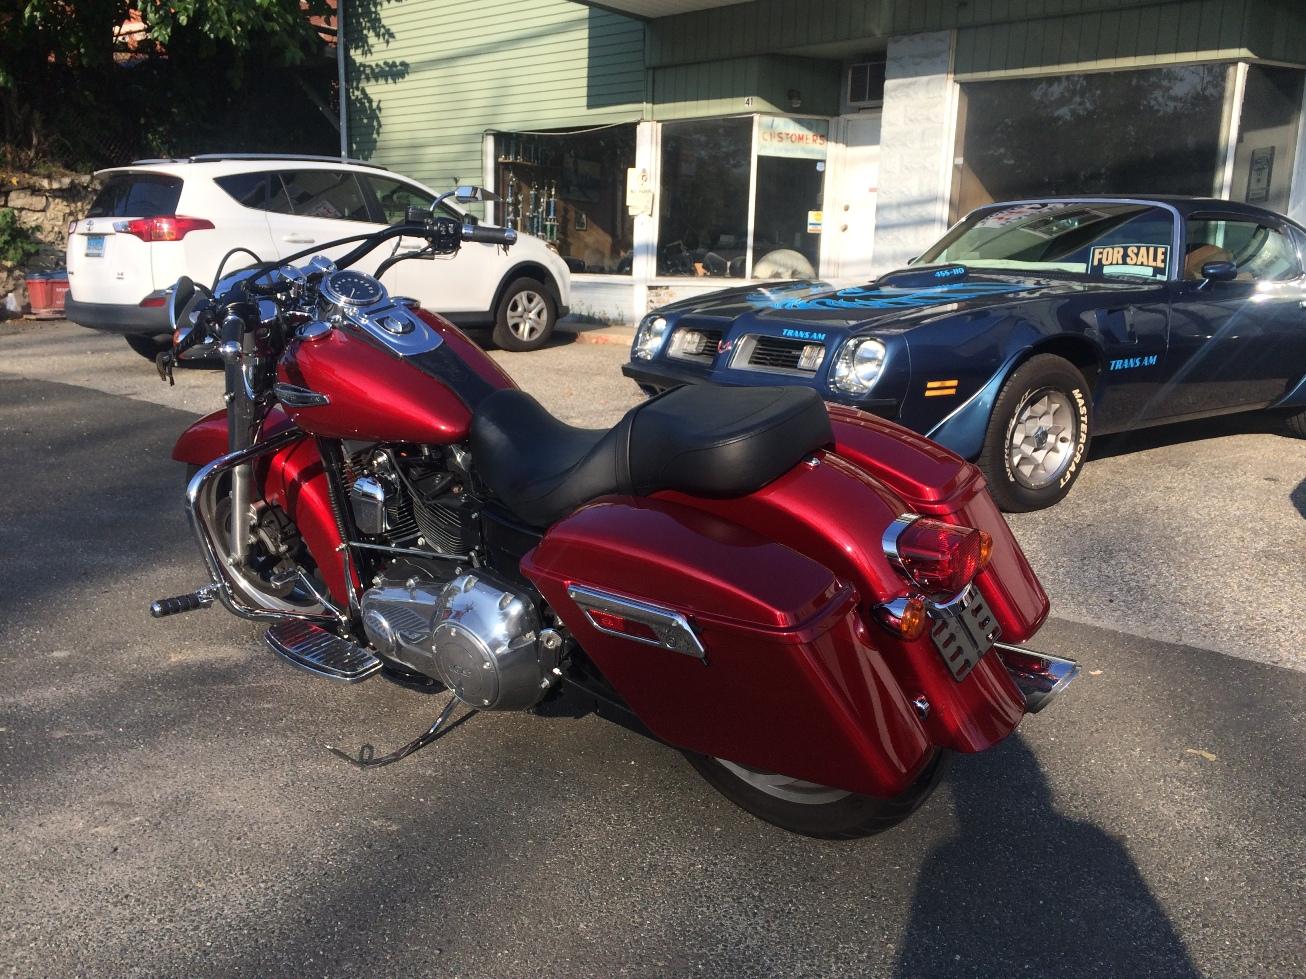 34 motor co llc harley davidson 2012 fld switchback for Harley davidson motor co